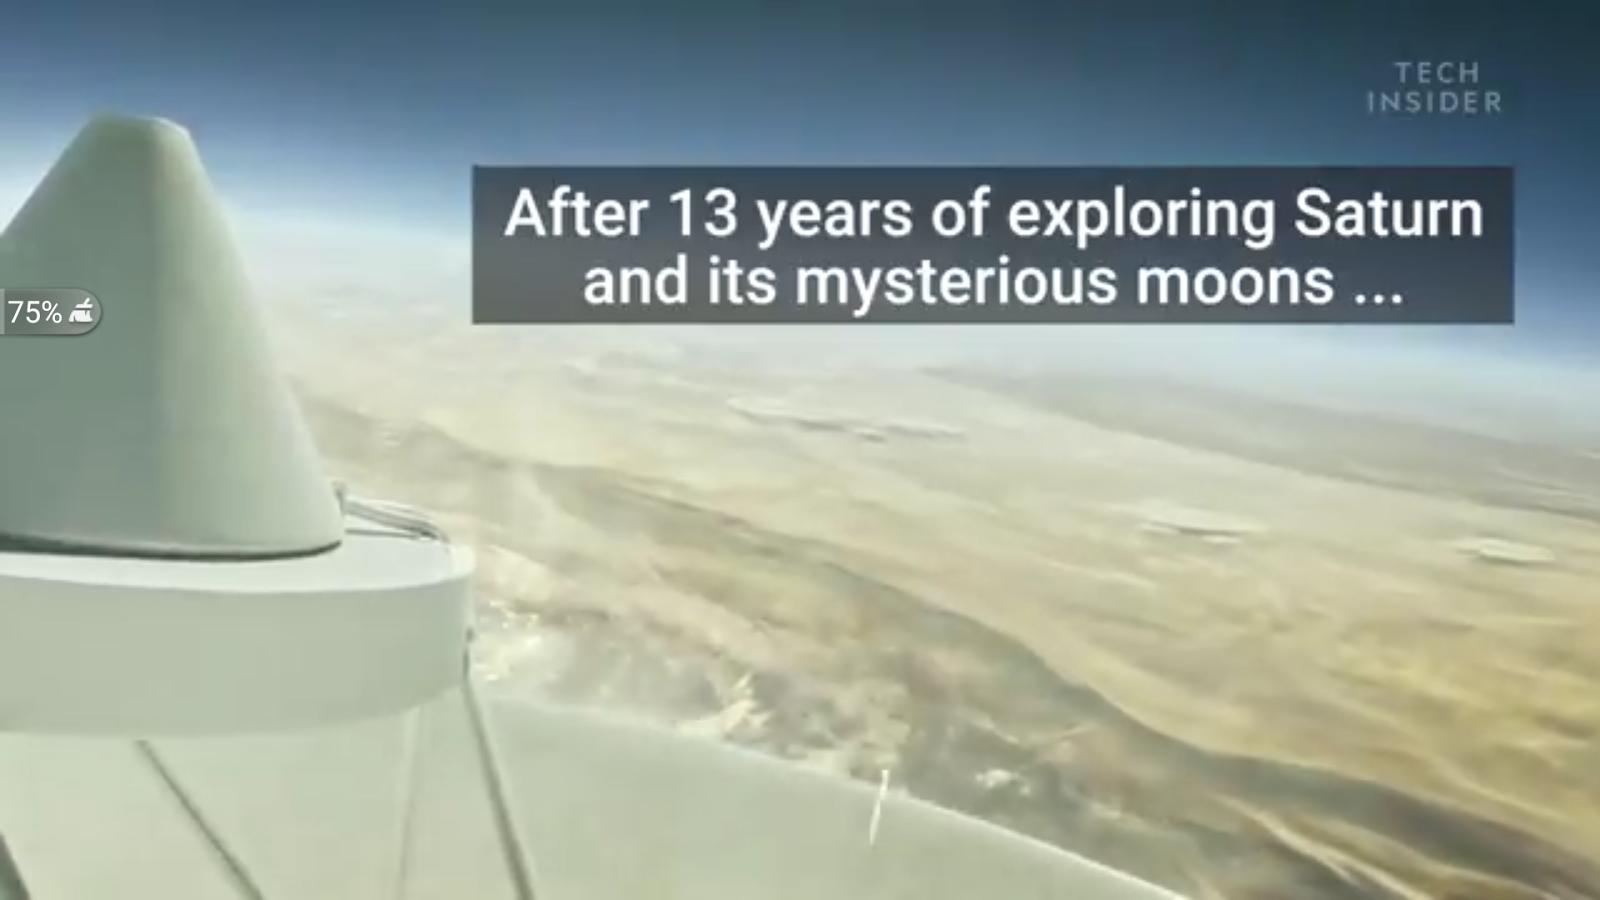 光明會 錫安長老會 聖羅馬帝國和NWO 及森遜密碼驗證: NASA將在9月15日透過衝入土星來毀滅一艘三十二億美元的 ...